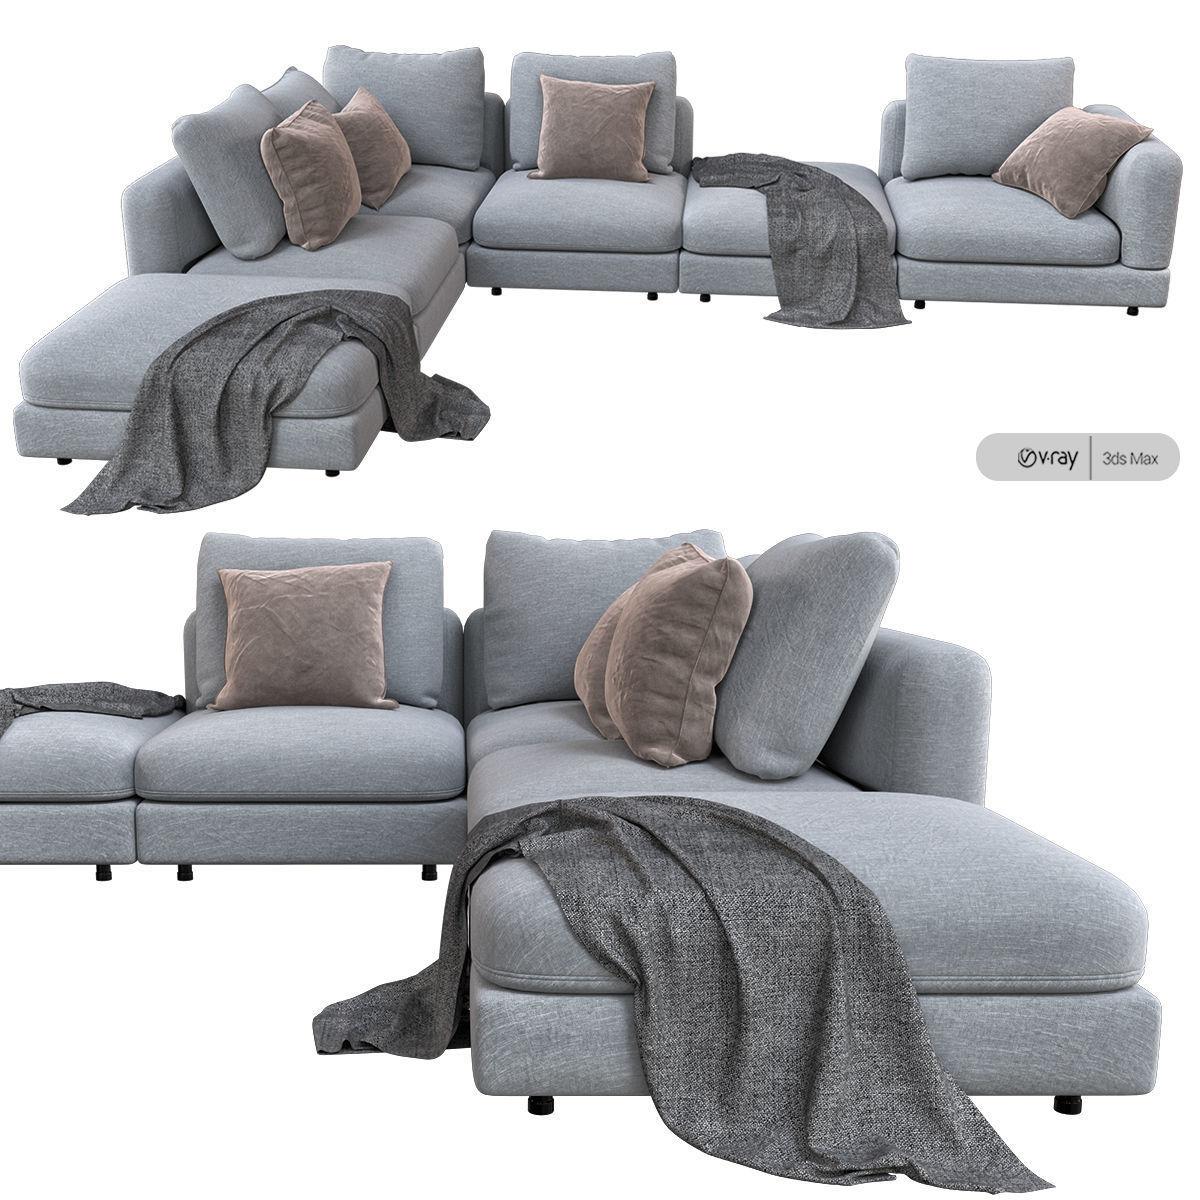 NATURE sectional sofa 3D model MAX OBJ FBX MAT